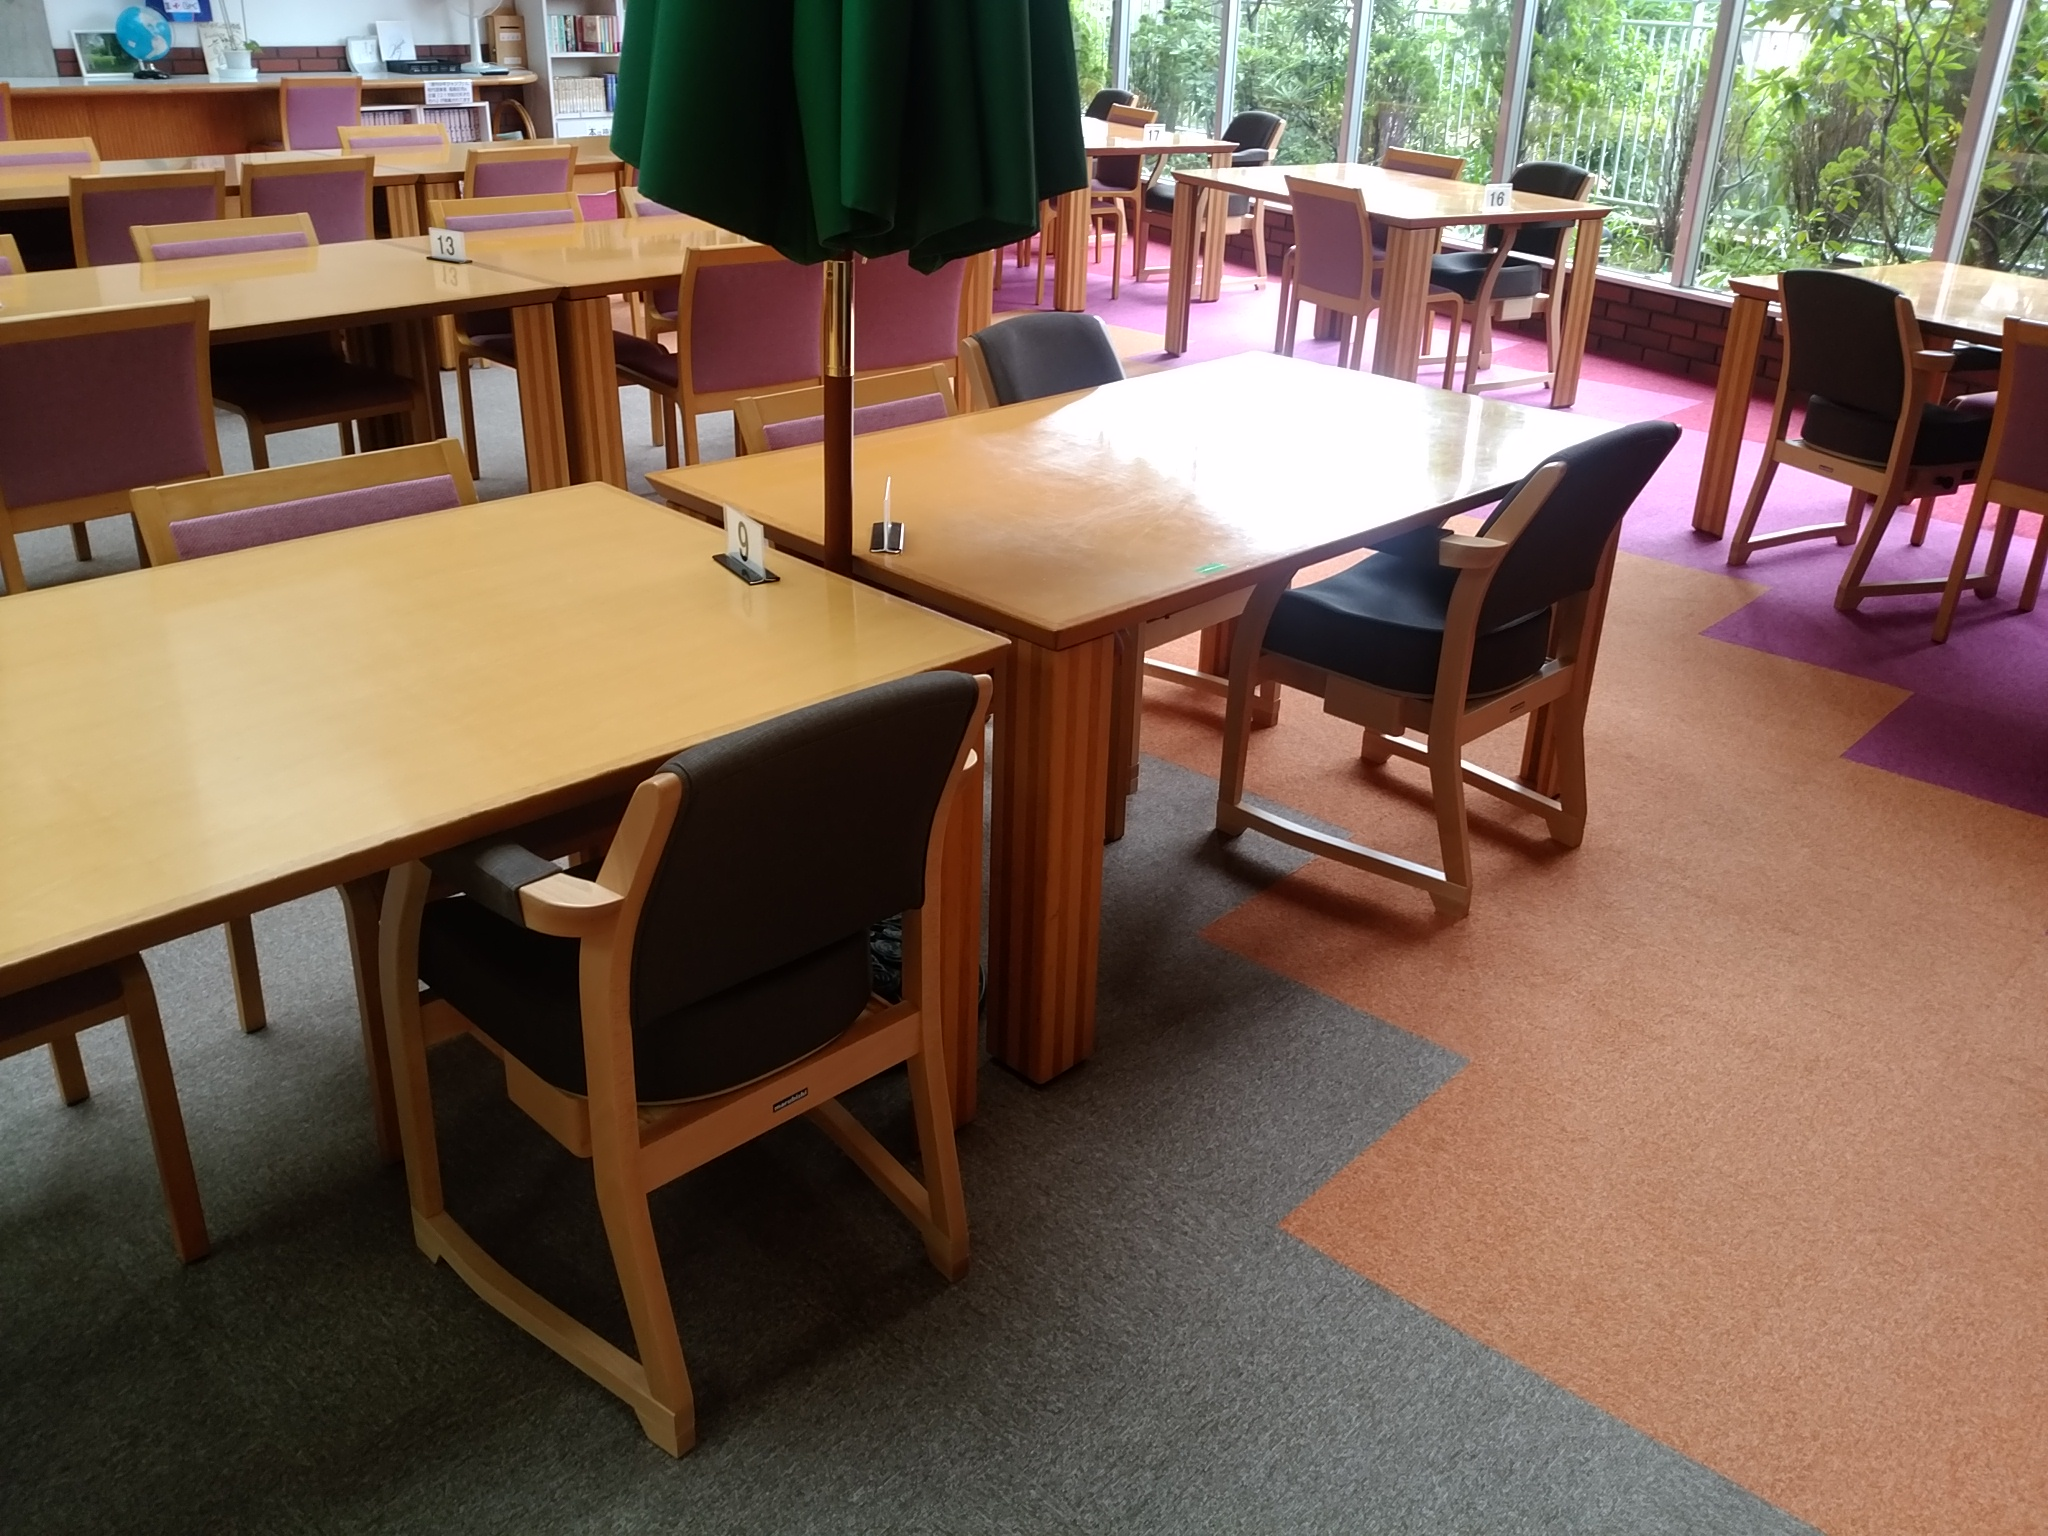 「スポッとチェア」を障害者支援施設セルプ・ガーデンハウスへ導入していただきました。